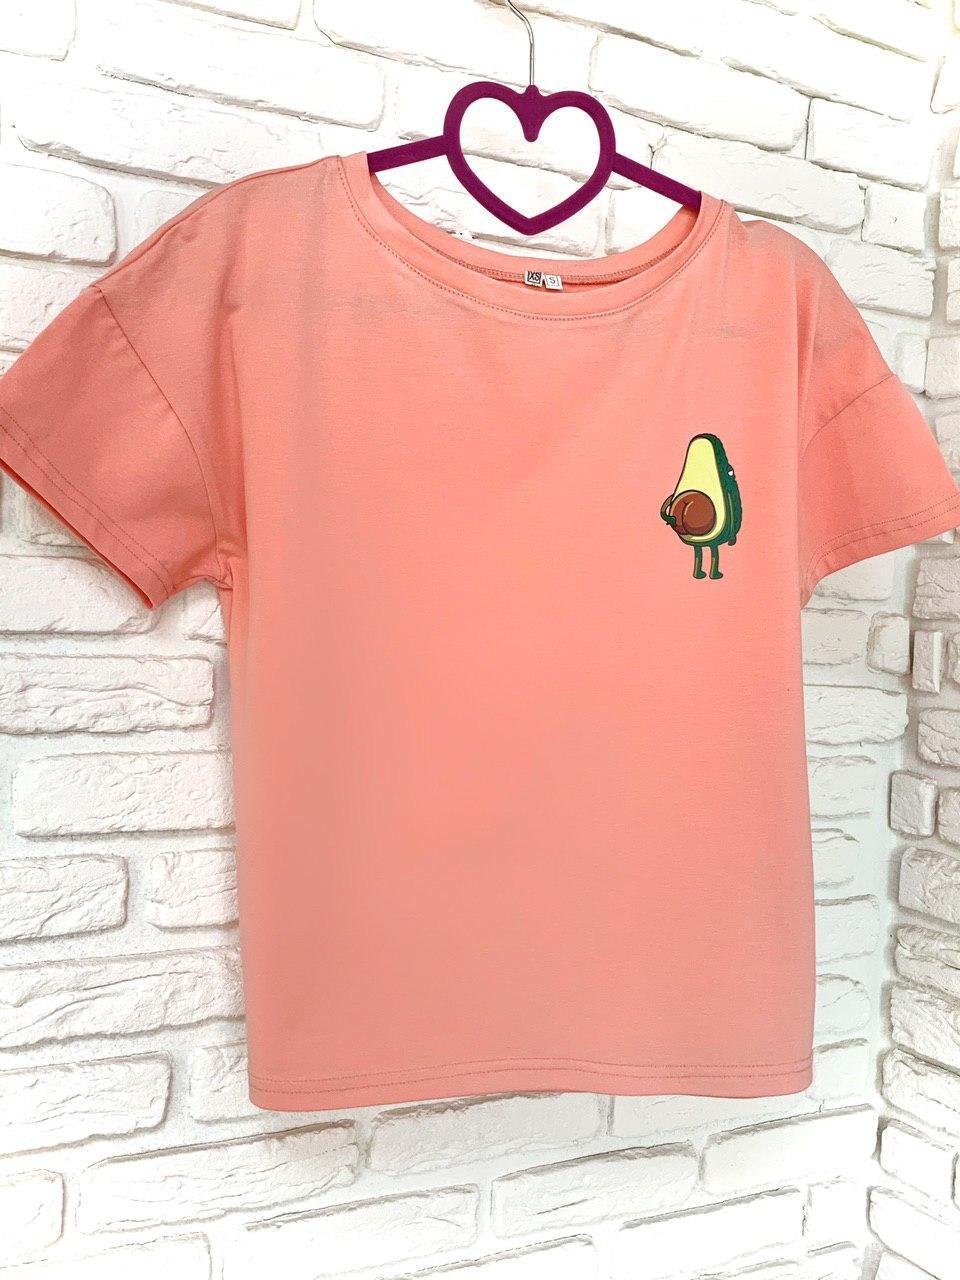 Женская Футболка хлопок с принтом Avocado розовая